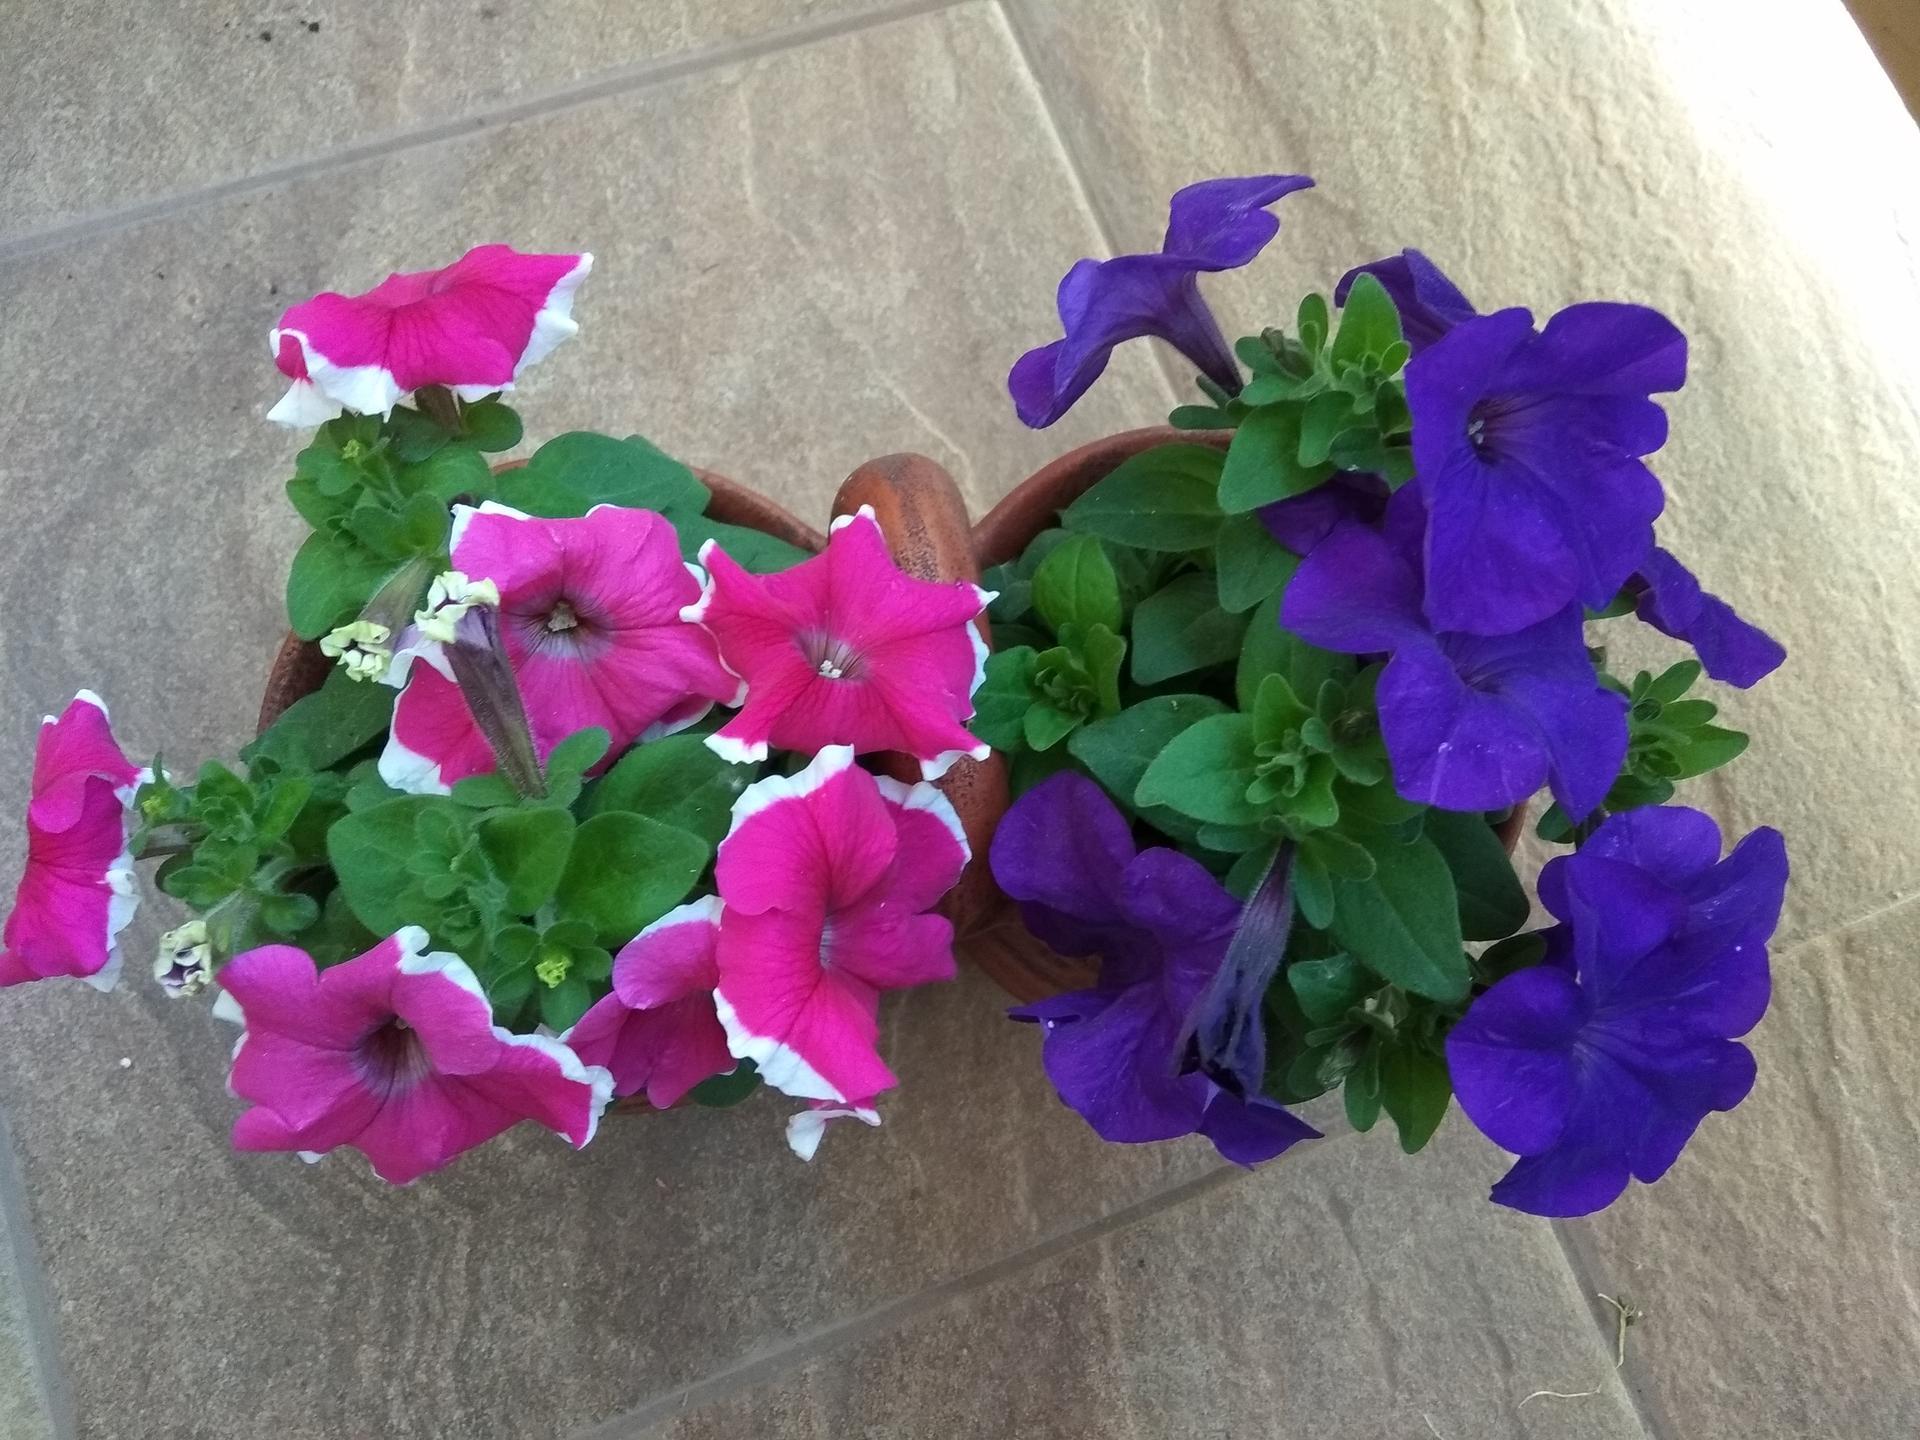 Moje balkónové kvetinkové miš - maš 🙂🌻🥀🍀🌸 - Obrázok č. 15